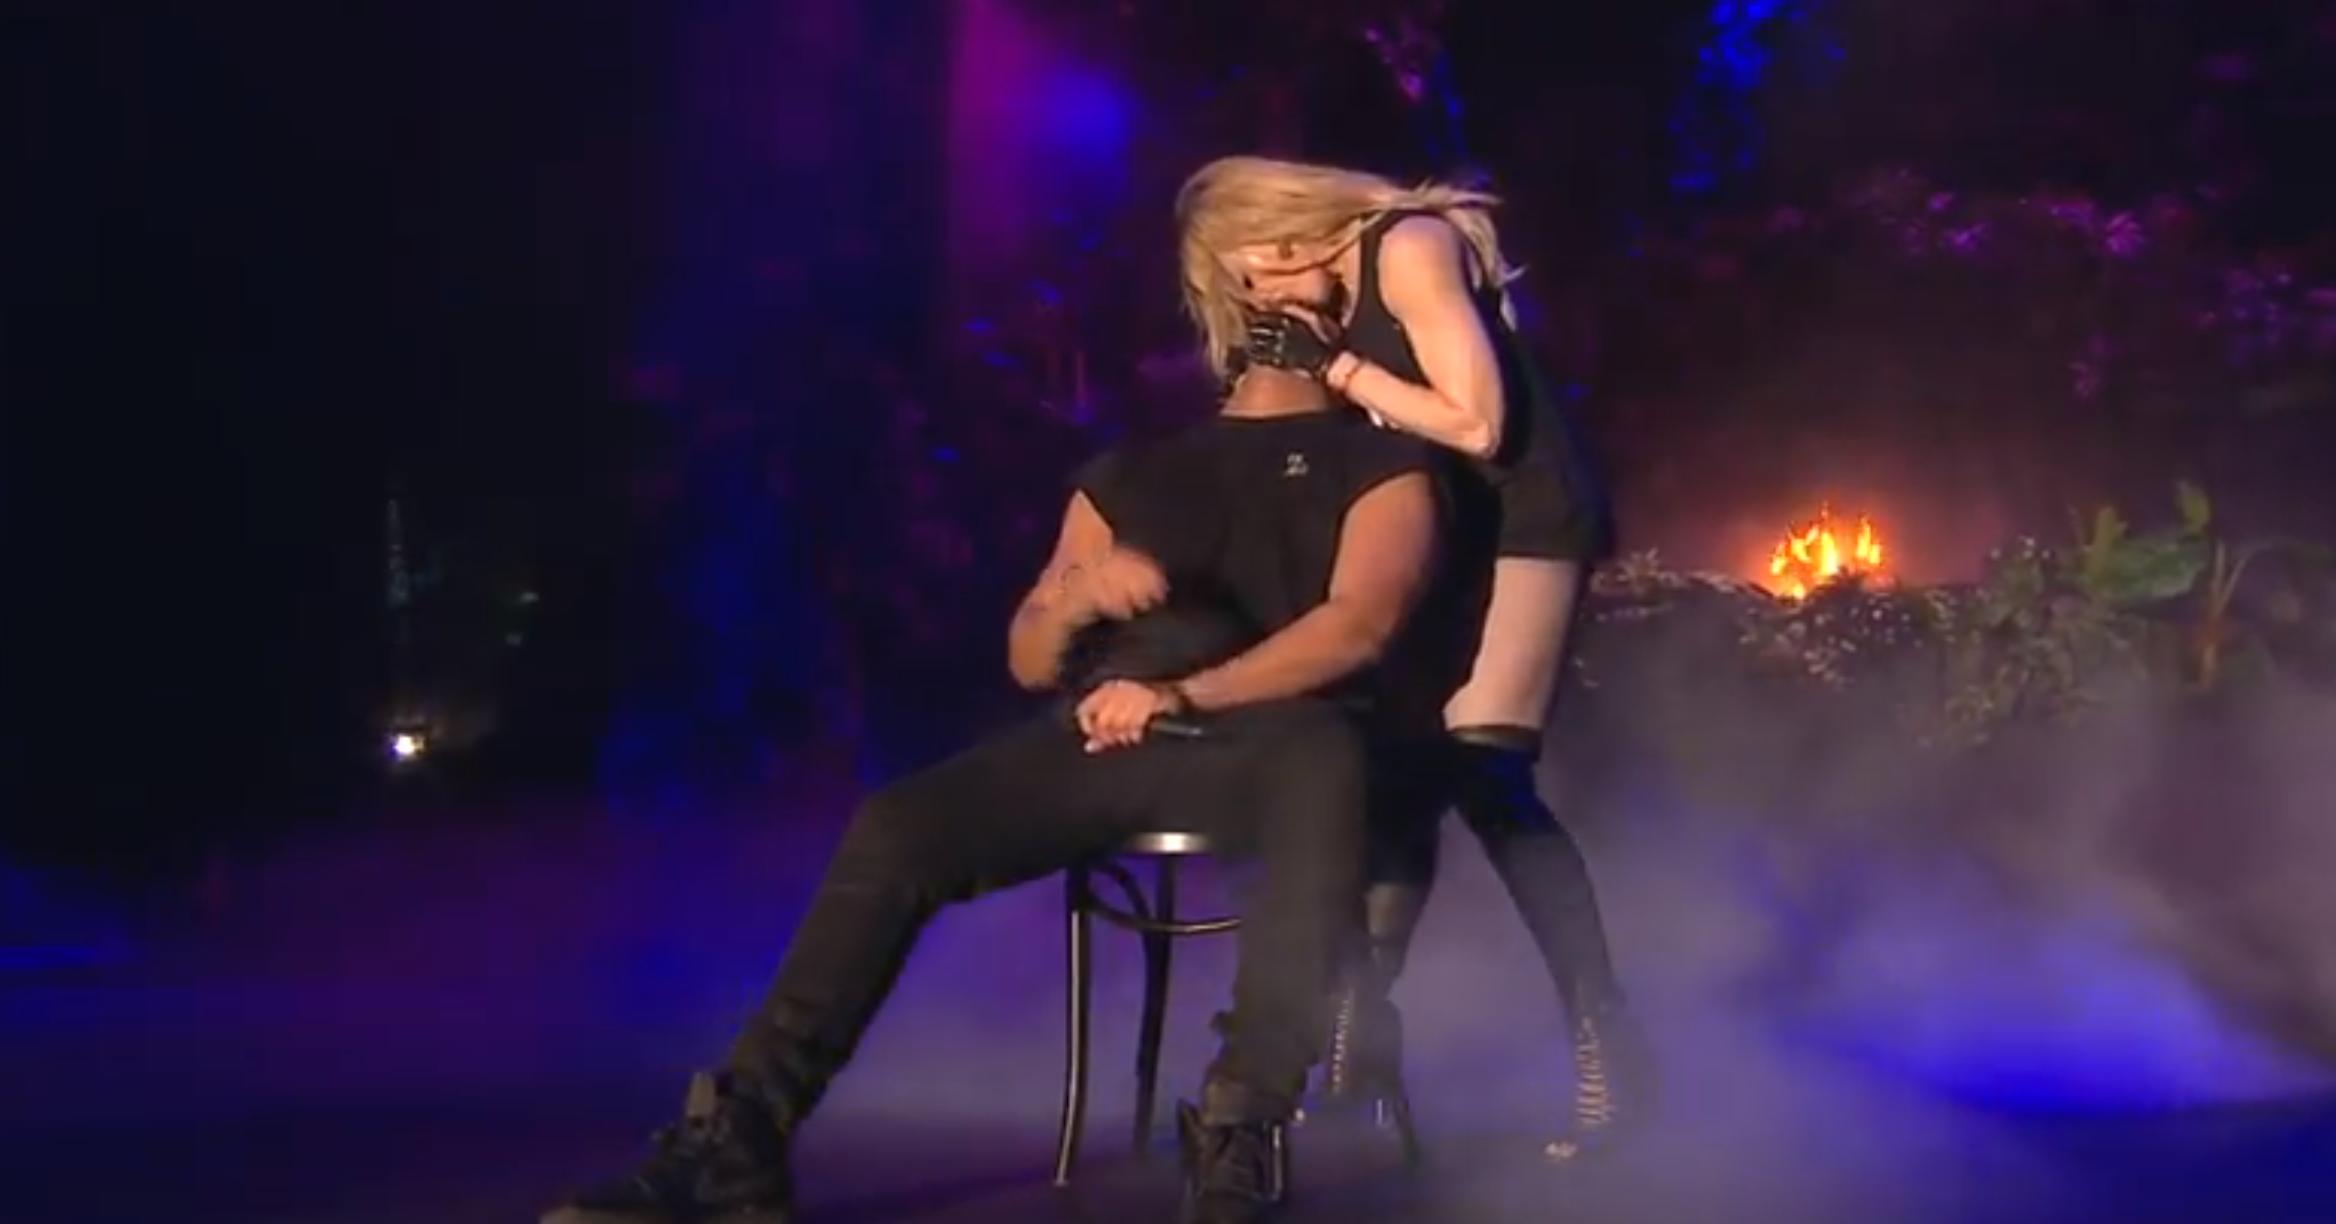 マドンナから濃厚キスされたラッパーのドレイクが吐き気、オエーッとなる【動画】